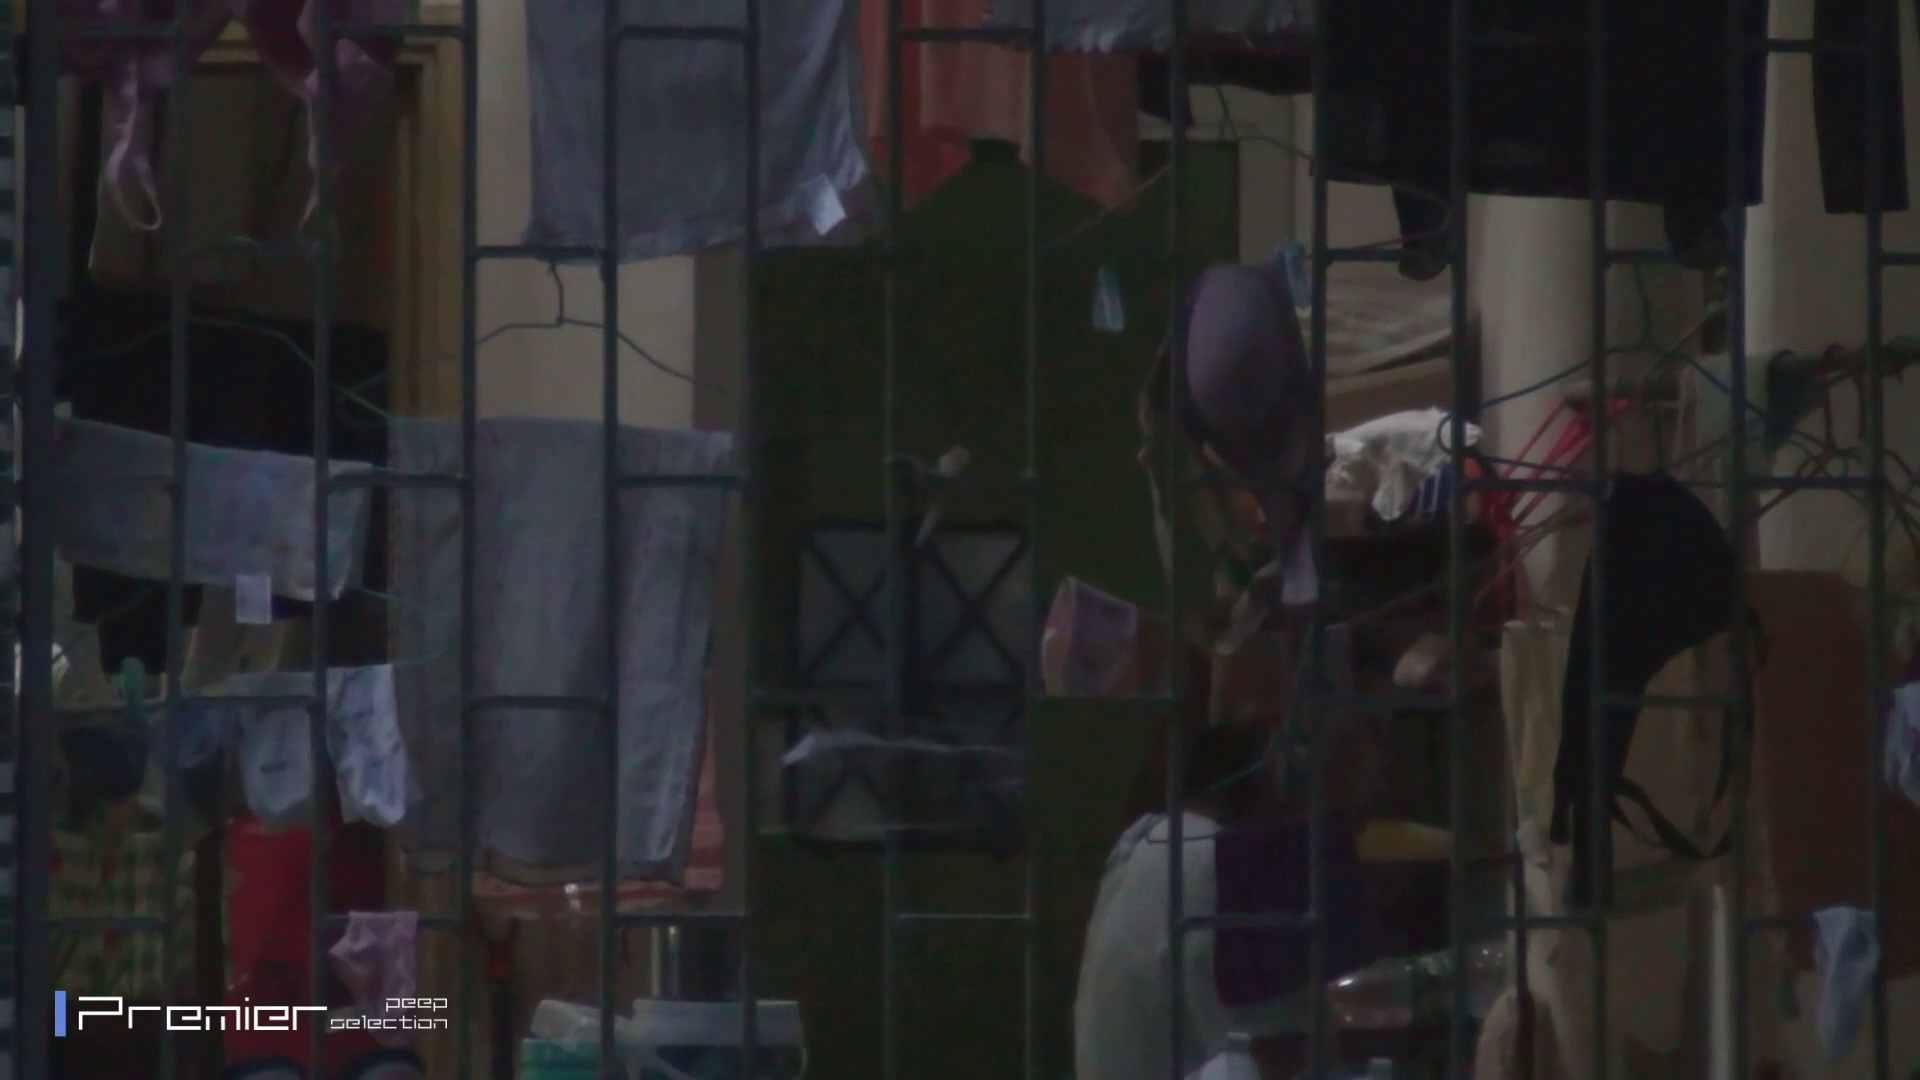 激撮り美女の洗顔シーン Vol.05 美女の痴態に密着! 美女 すけべAV動画紹介 77連発 6